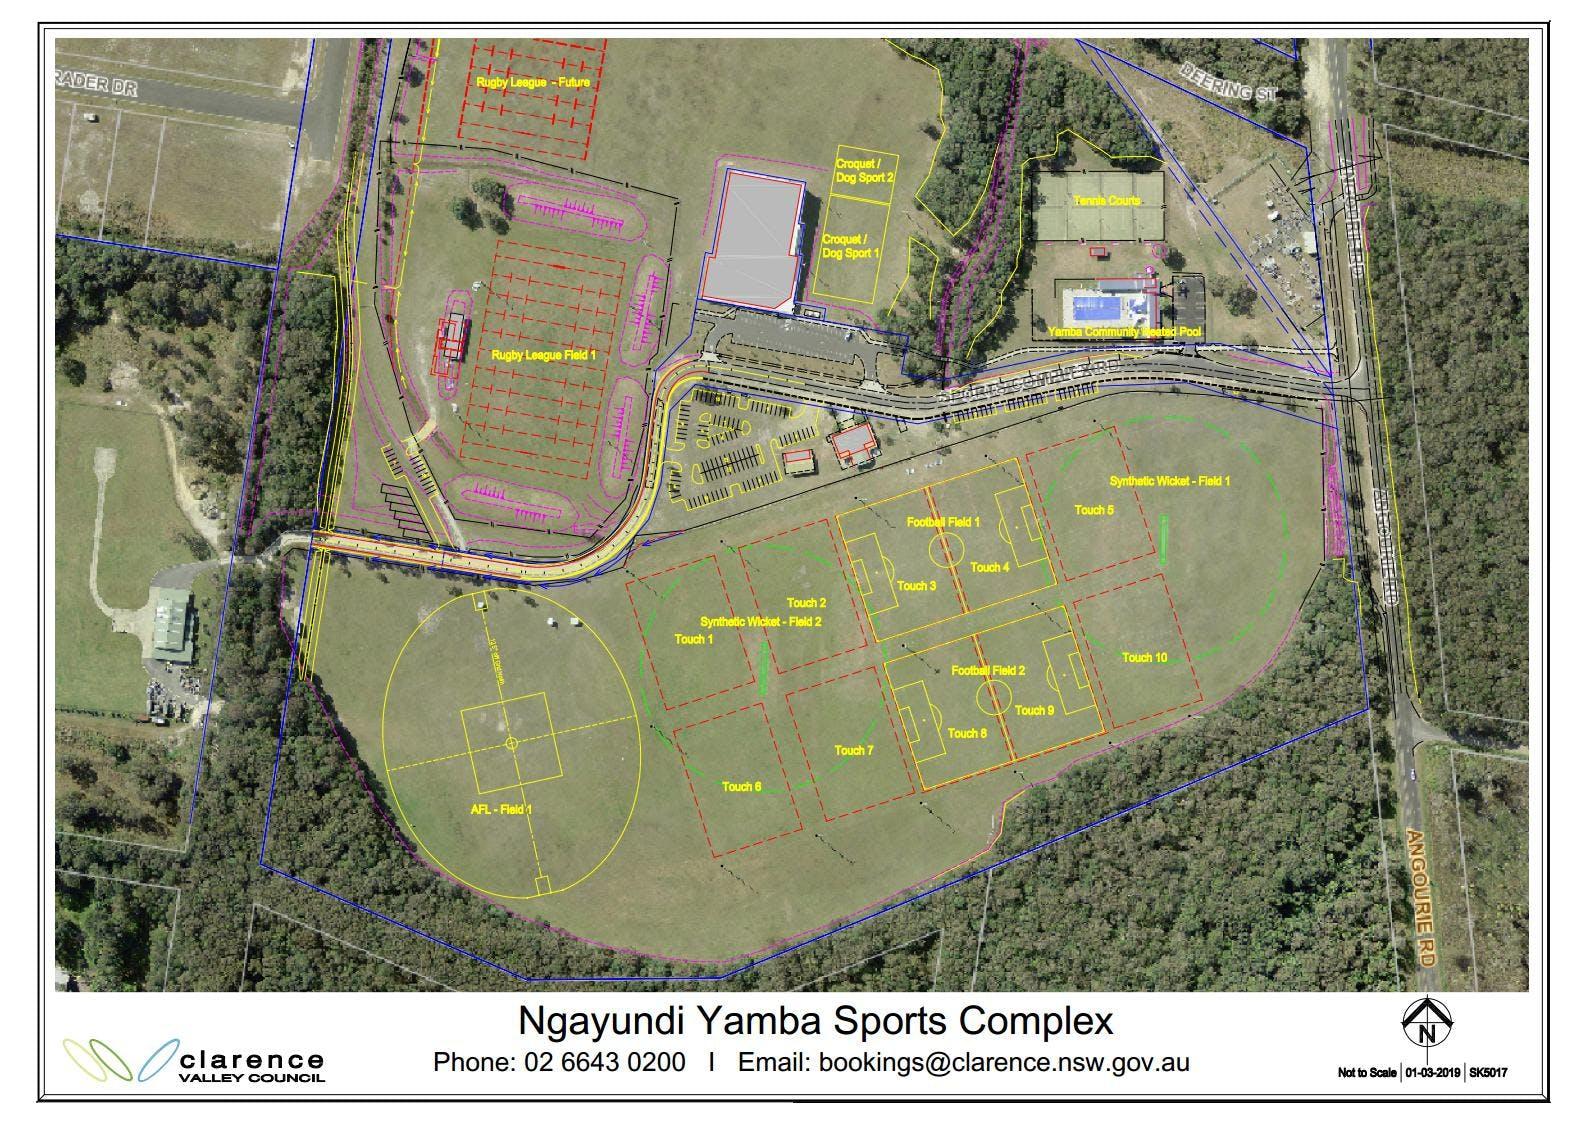 Ngayundi Yamba Sports Complex